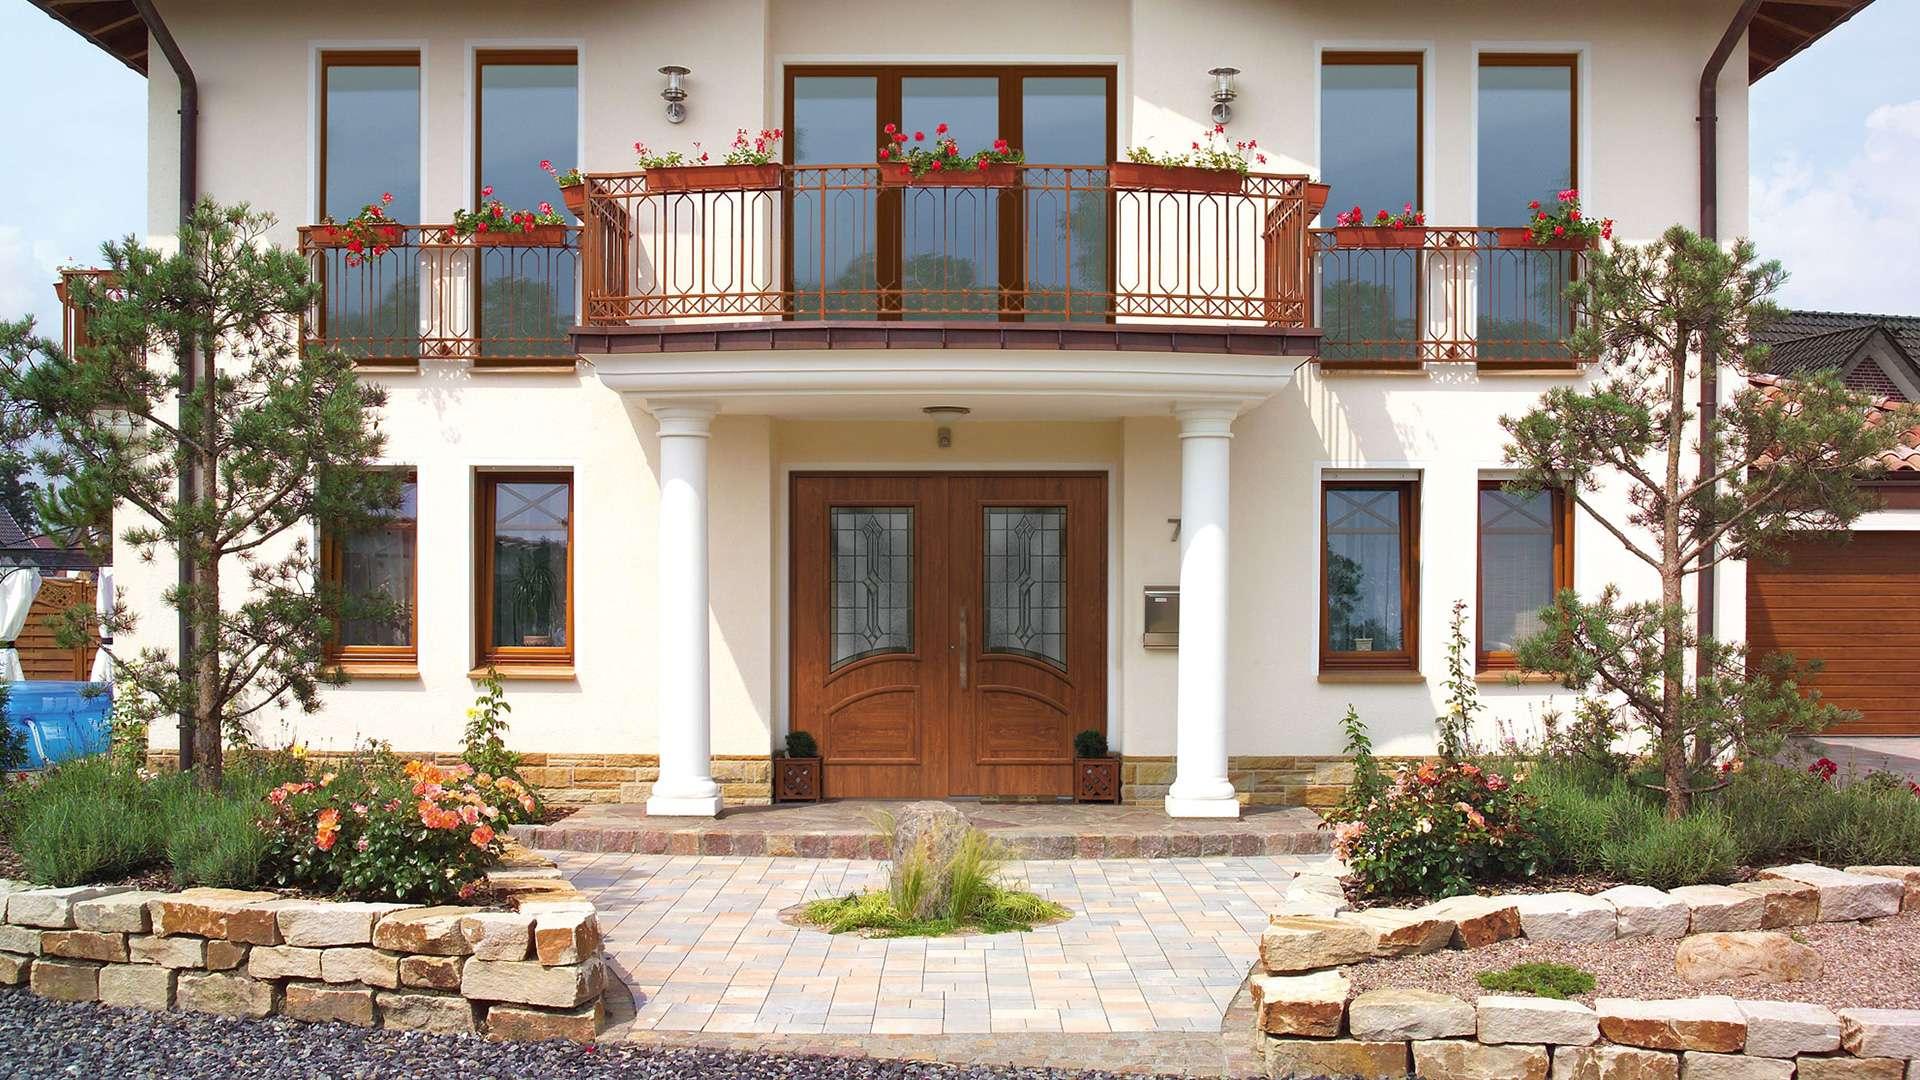 doppelflügelige Aluminium-Haustür in einer Vorstadt-Villa mit Balkon